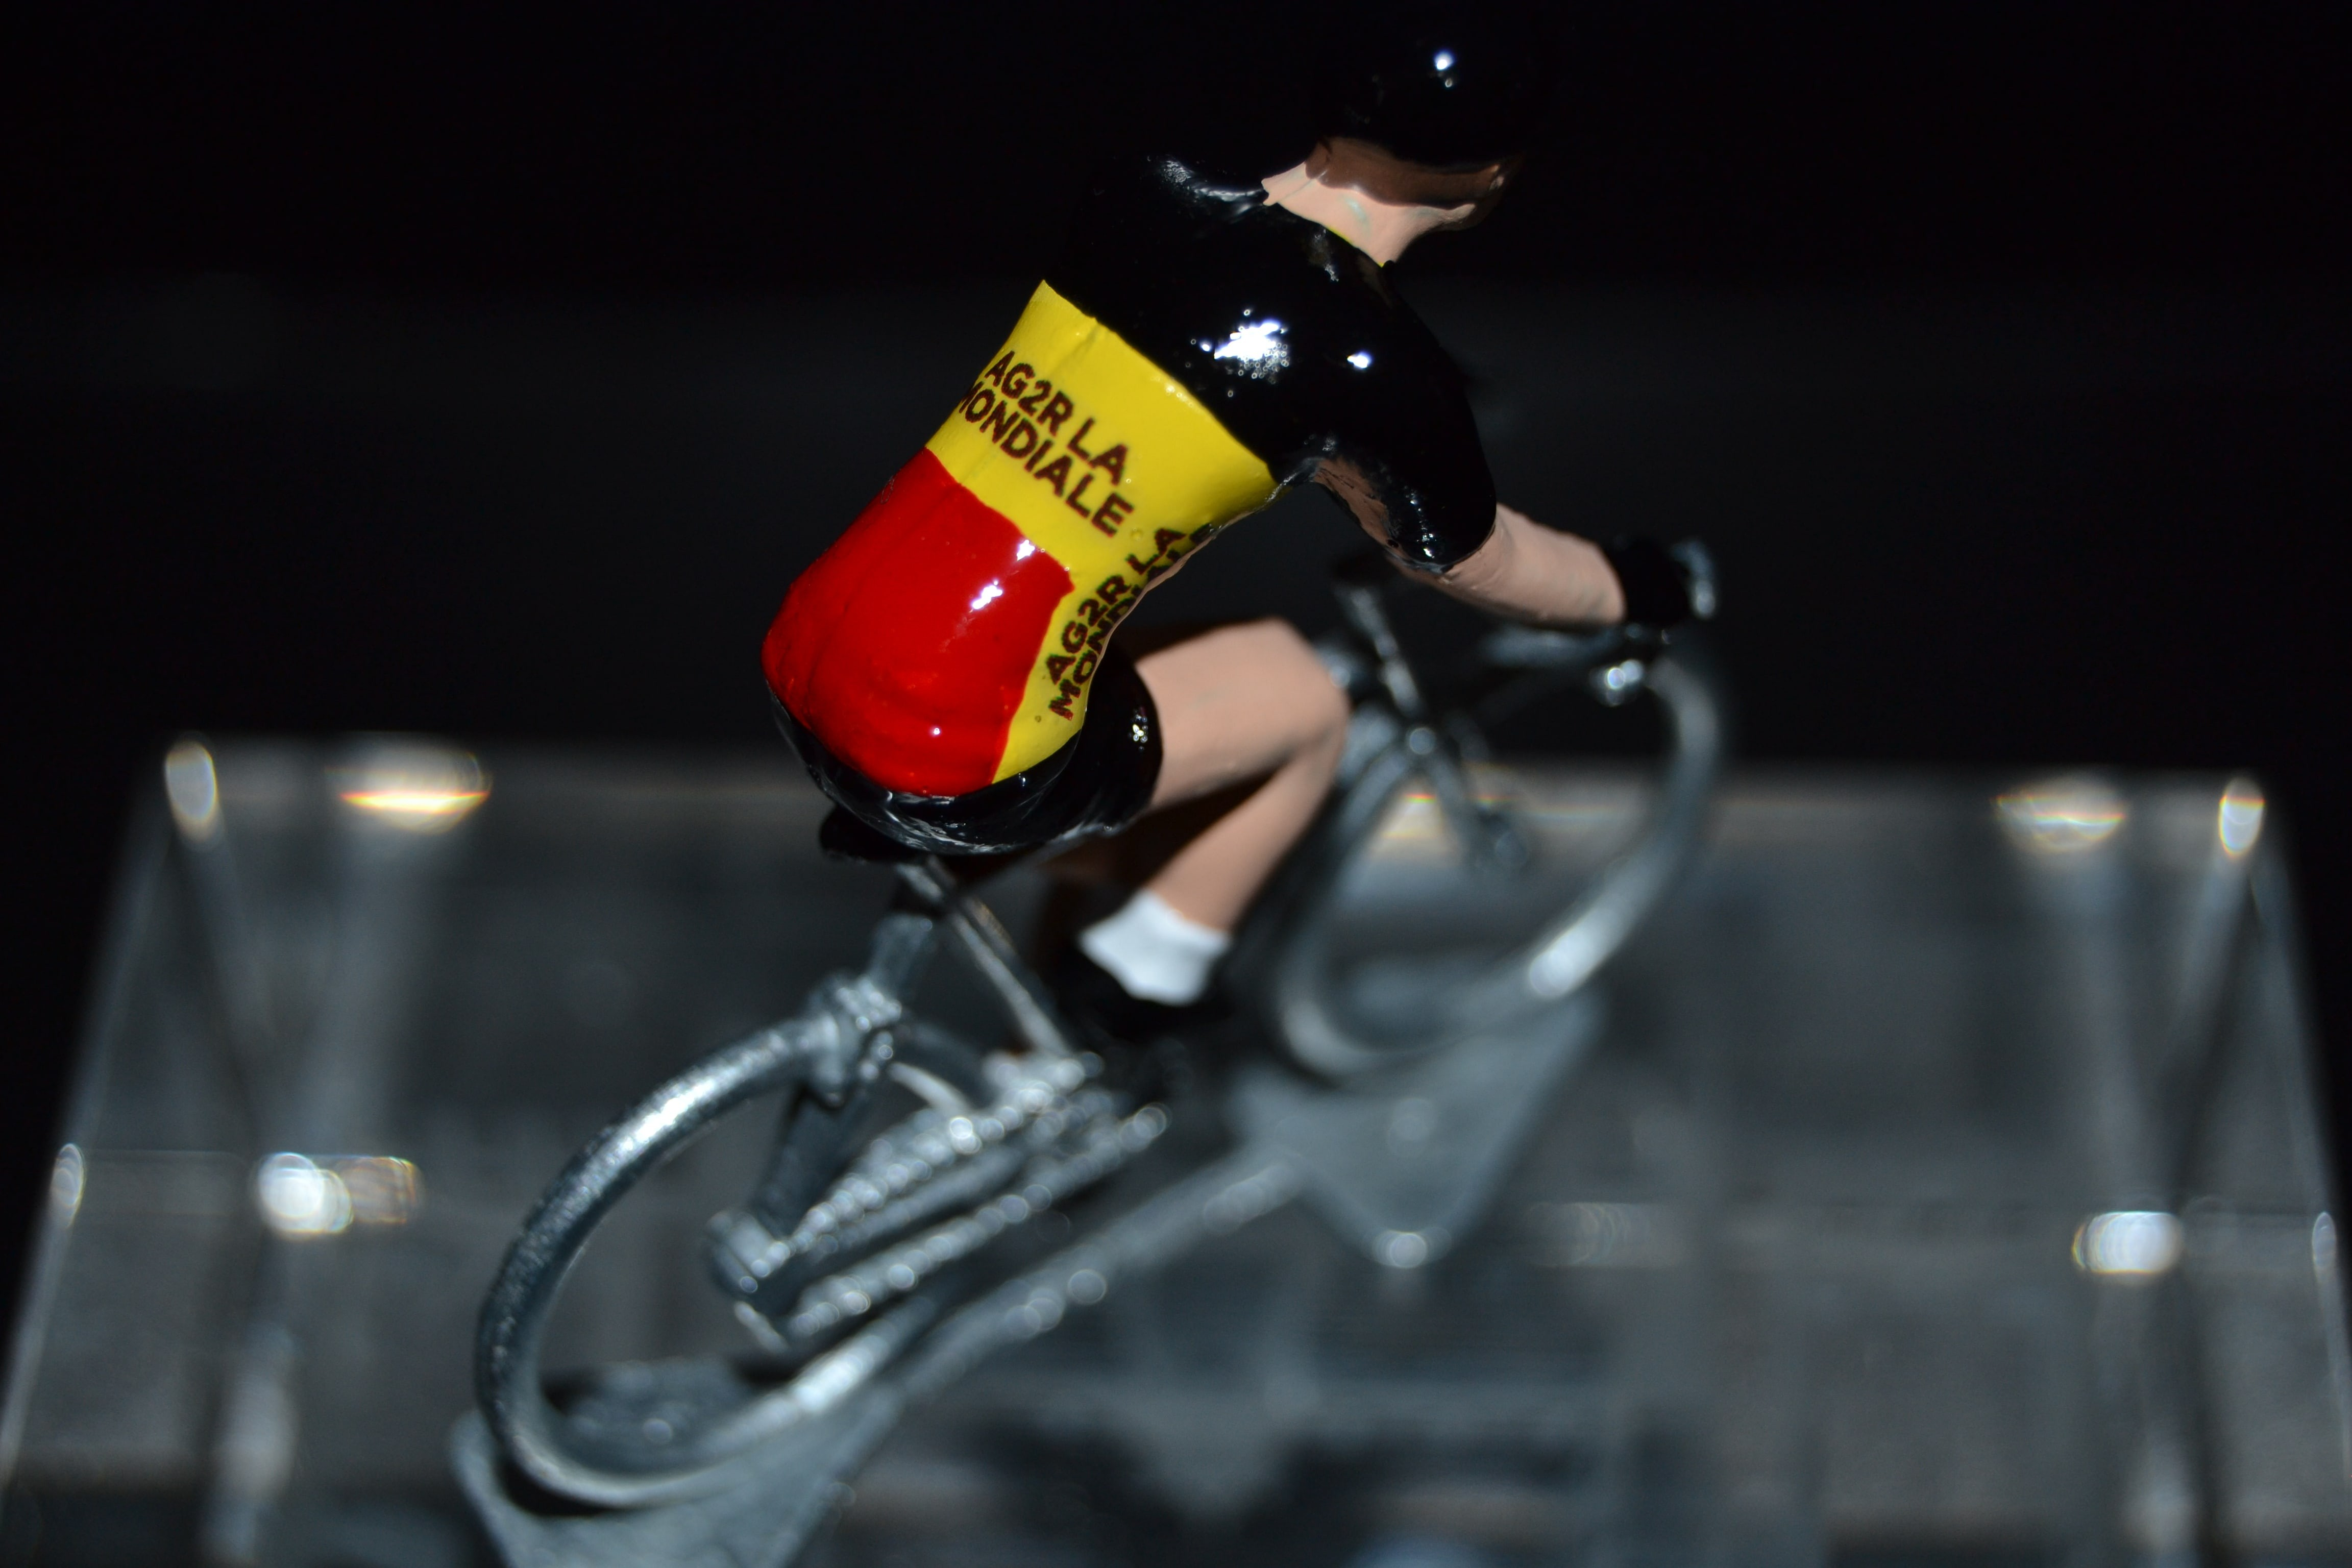 UAE Abu Dhabi 2018 Cycling figure Petit cycliste Figurine